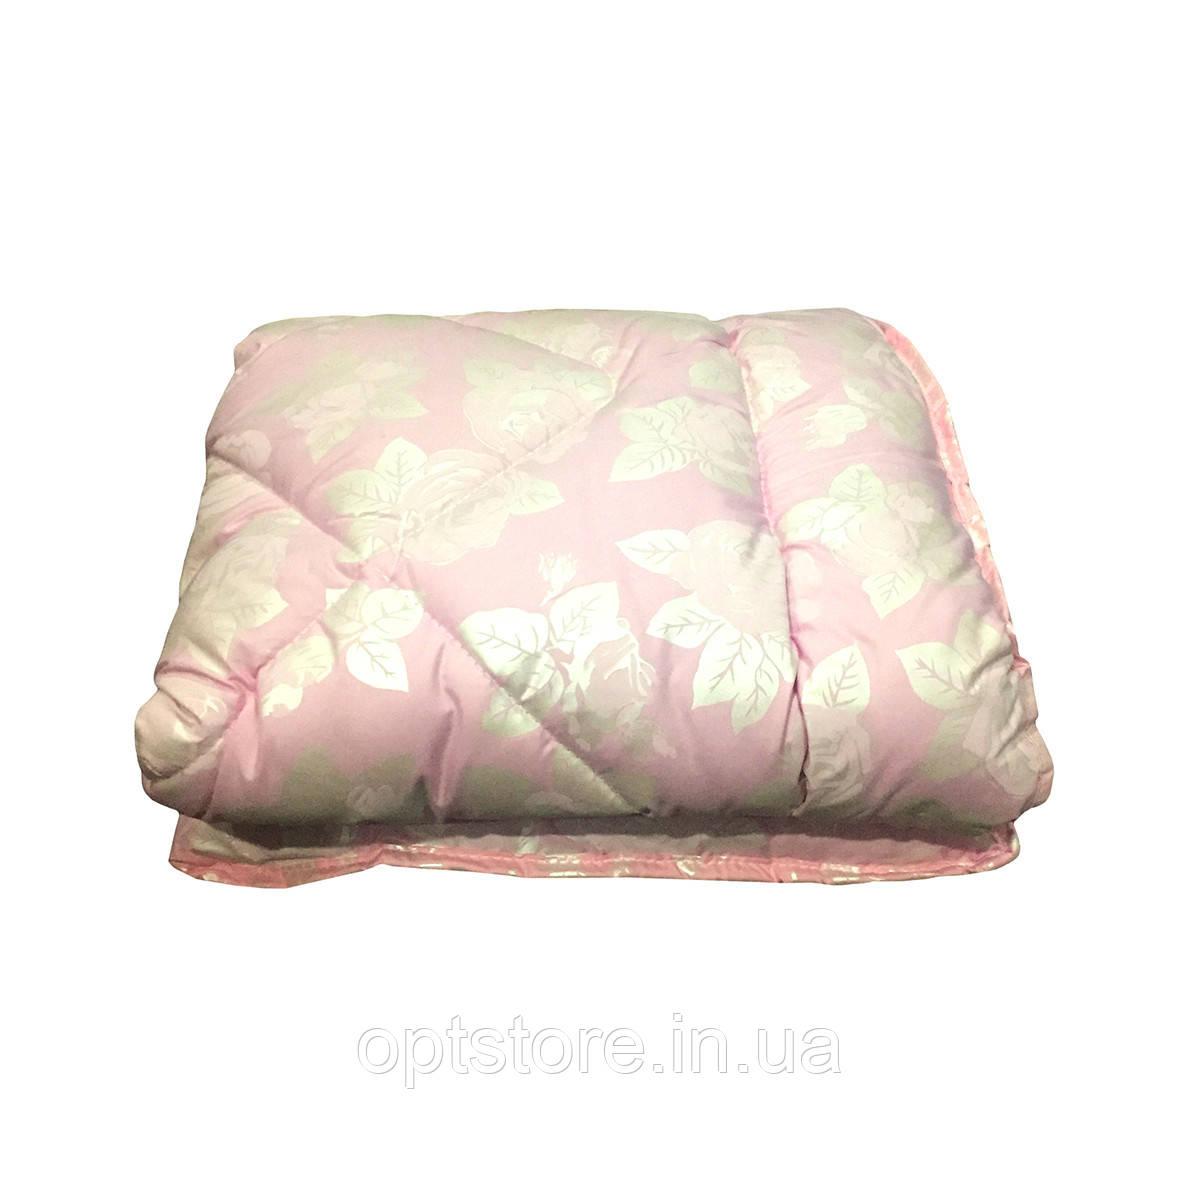 Дитяче ковдру штучний лебединий пух Downfill 110*140 см, тканина тік